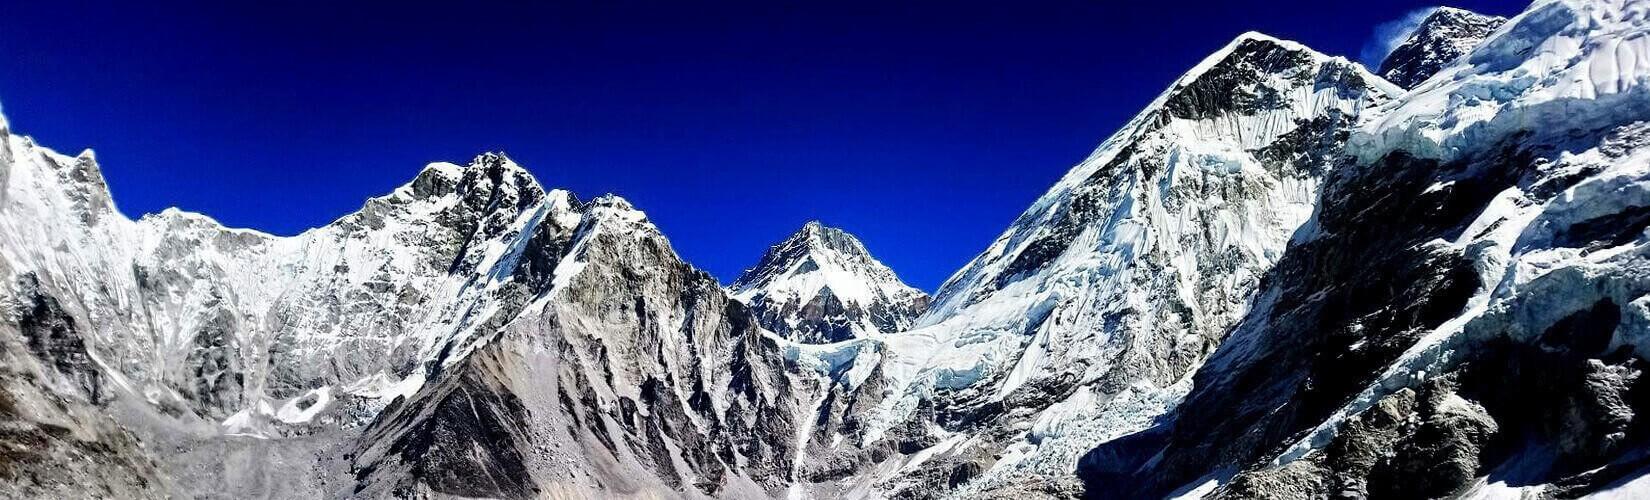 Everest Three Passes Trek | Nepal Trekking Package | Everest High Passes Trek |Trekking in Nepal | Reasonable Treks